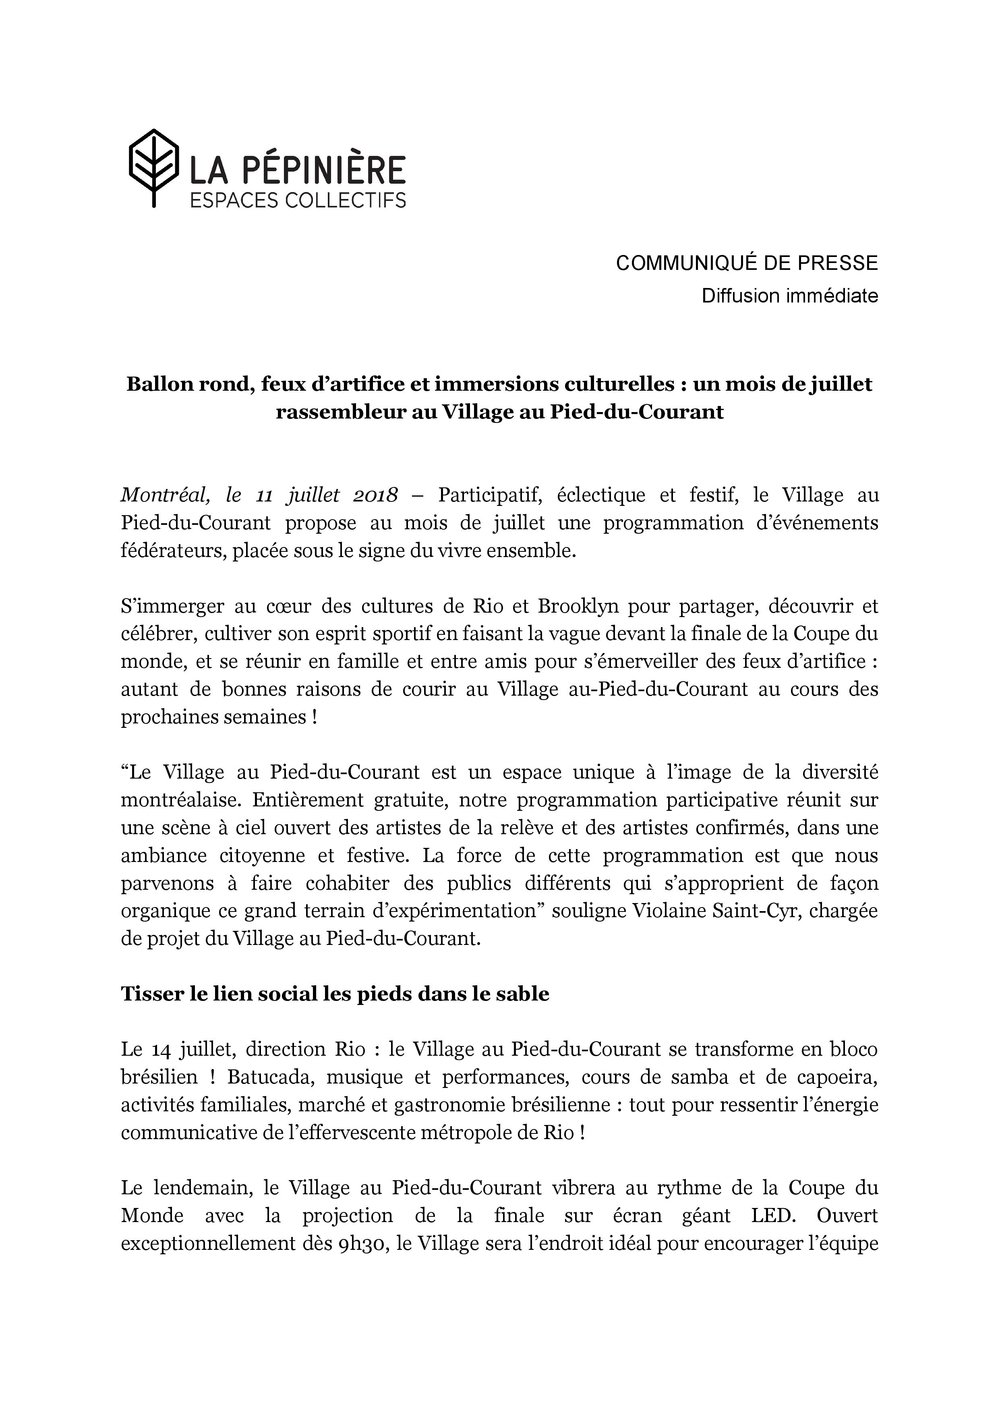 20180711 - Juillet au Village au Pied-du-Courant-page-001.jpg